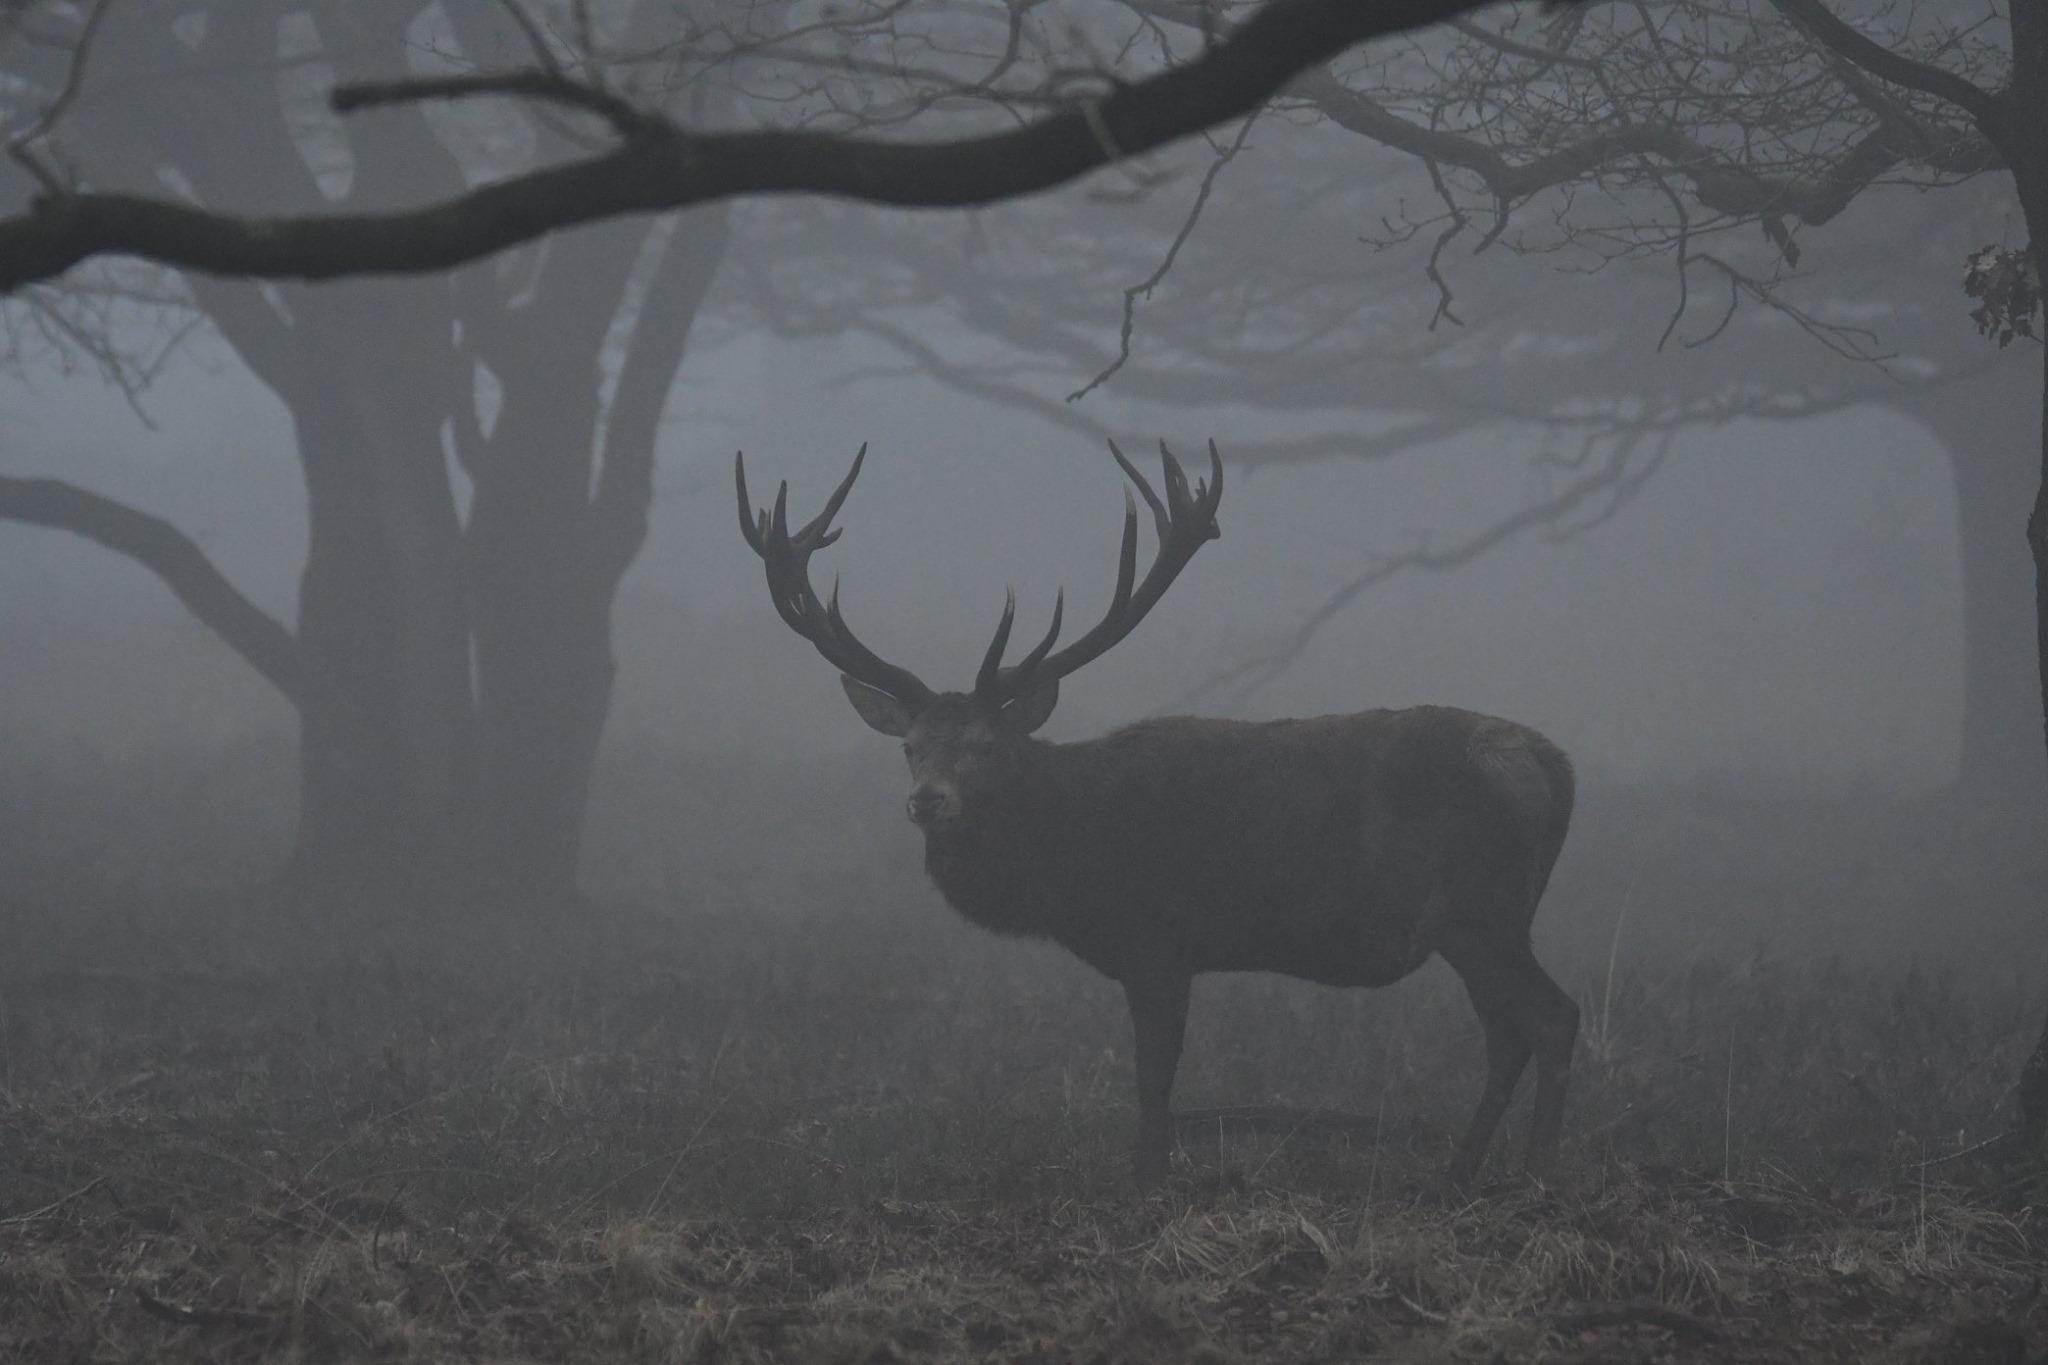 Zo staat hij een tijdje in mijn richting te kijken – Foto: ©Nel Vlieland